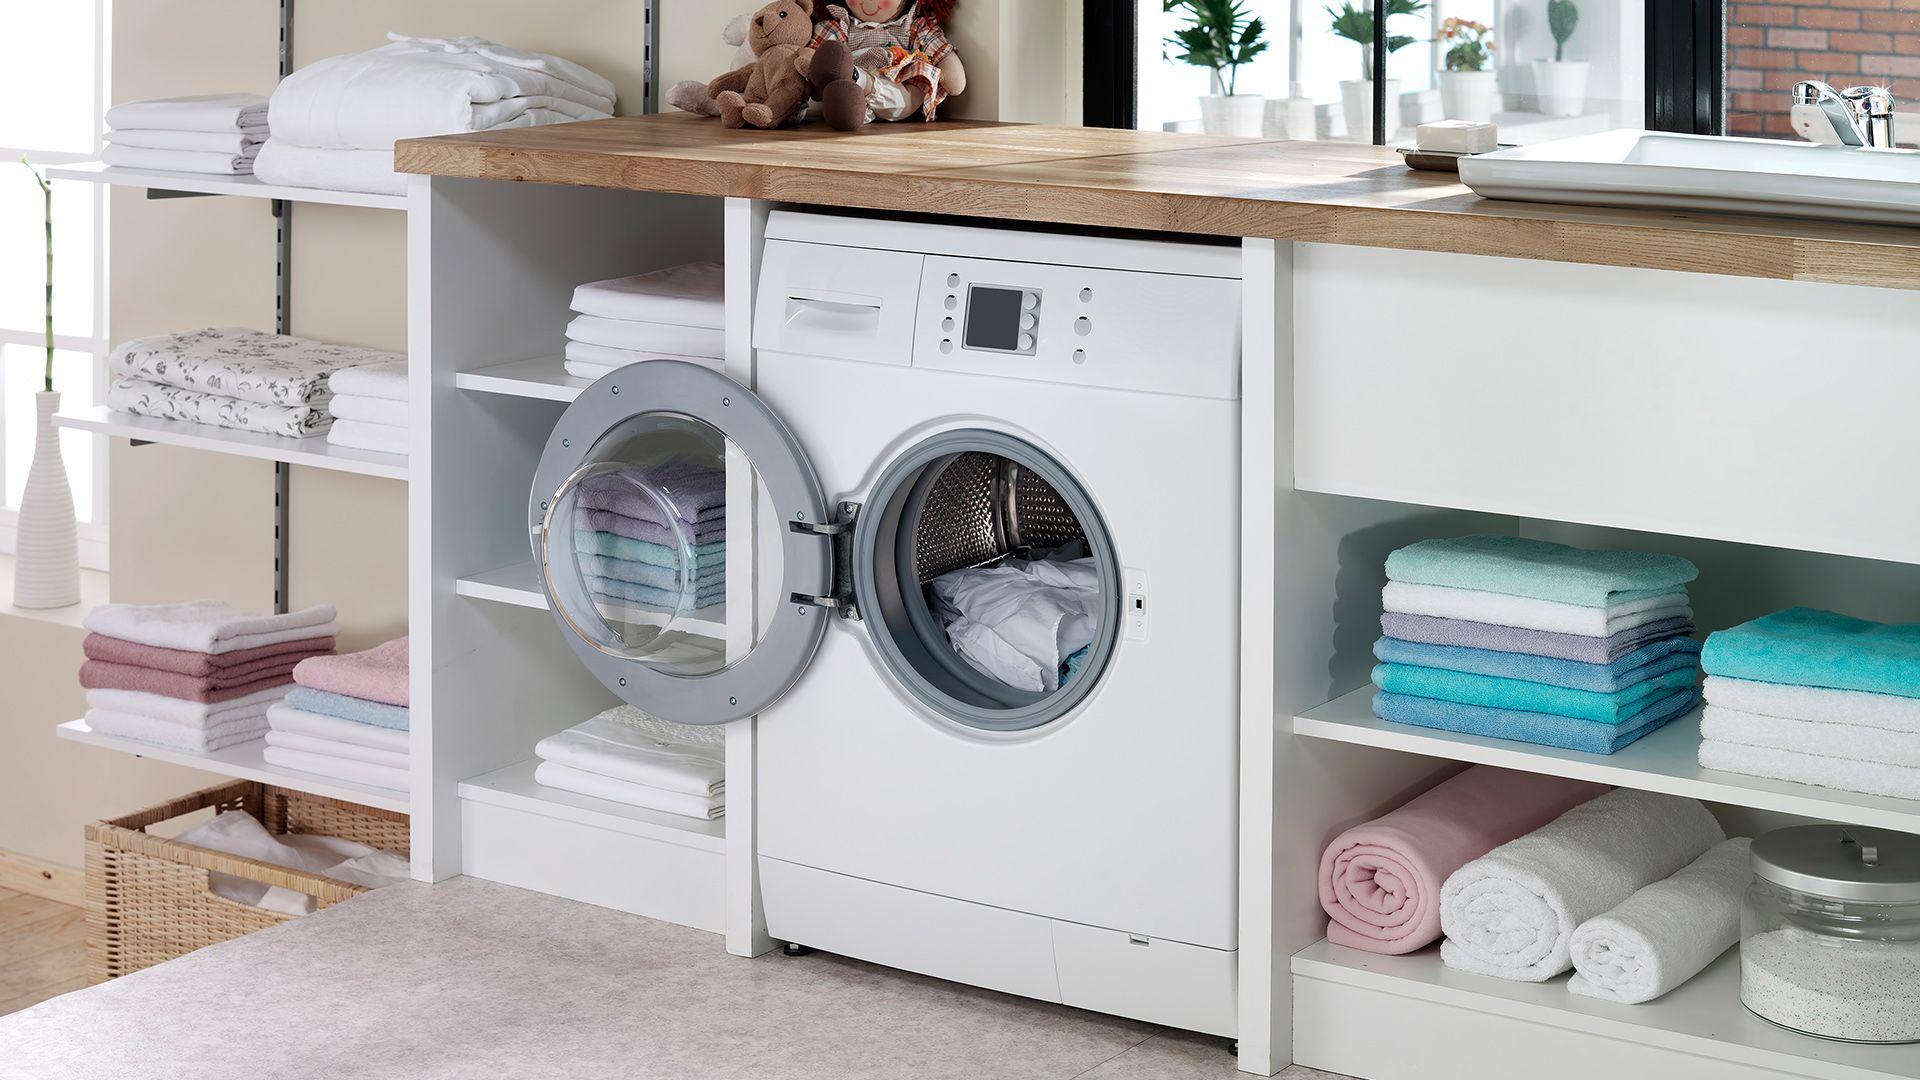 5 tipps f r eine saubere waschmaschine echt n tzliche. Black Bedroom Furniture Sets. Home Design Ideas